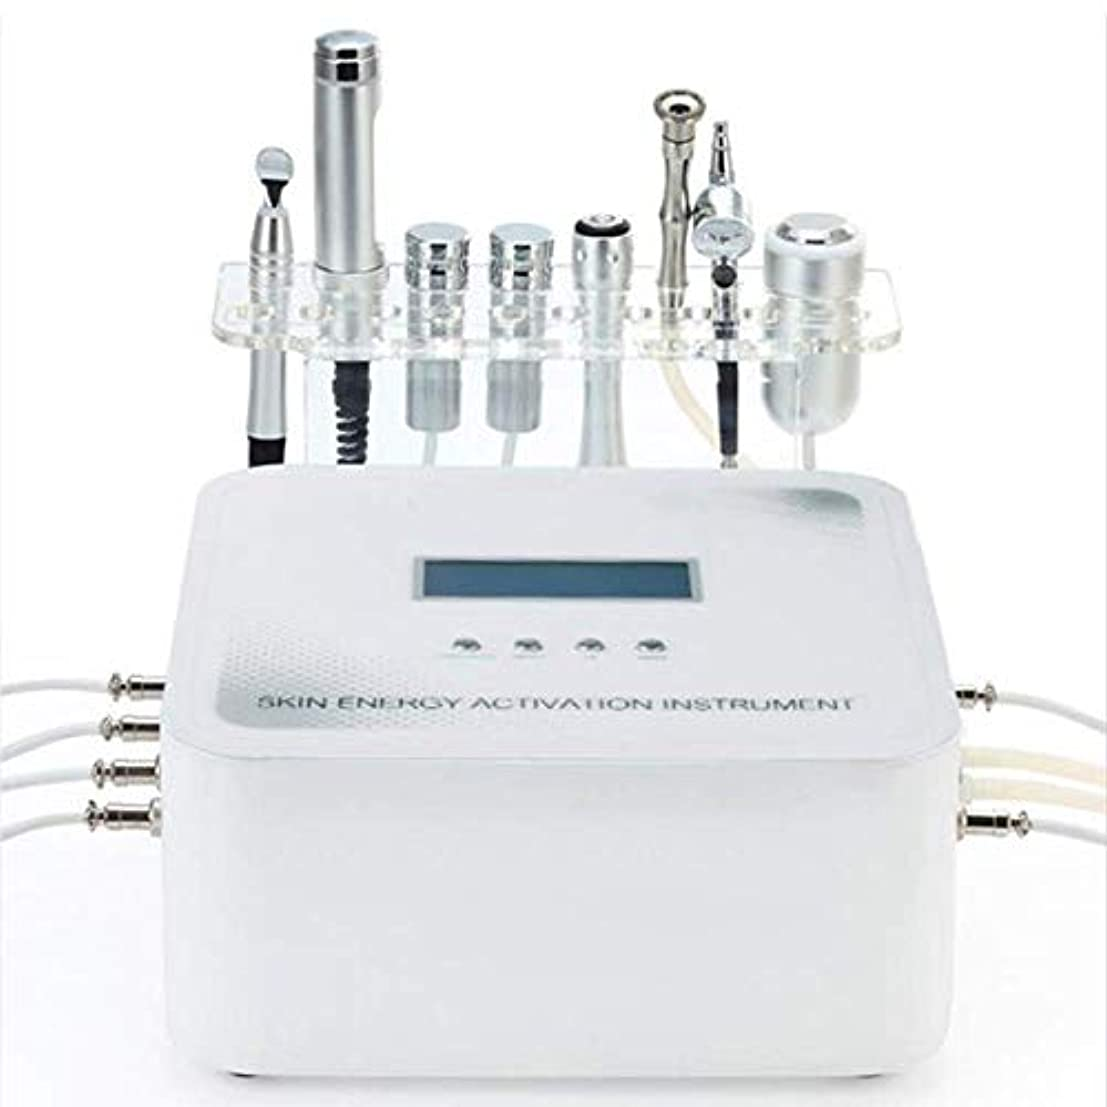 セマフォ信じられない精査多機能両極マイクロ電気Rf美容機器、美容室の家族の使用に適した純粋な酸素肌の若返り楽器、150ワット110ボルト